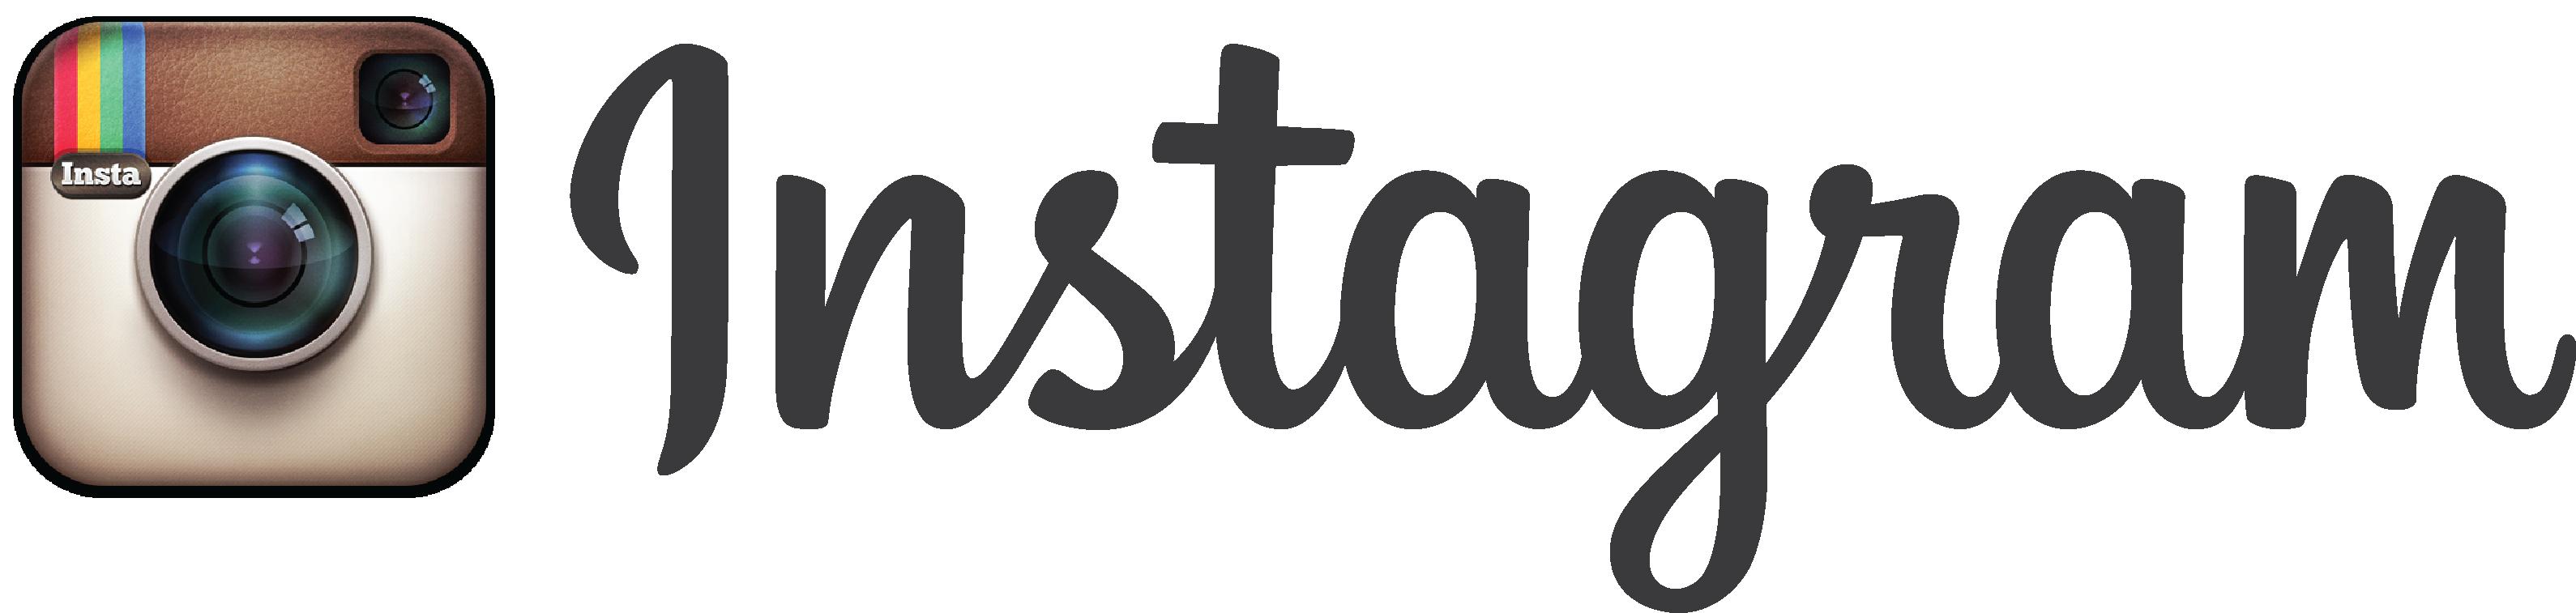 instagram-logo-1024x278